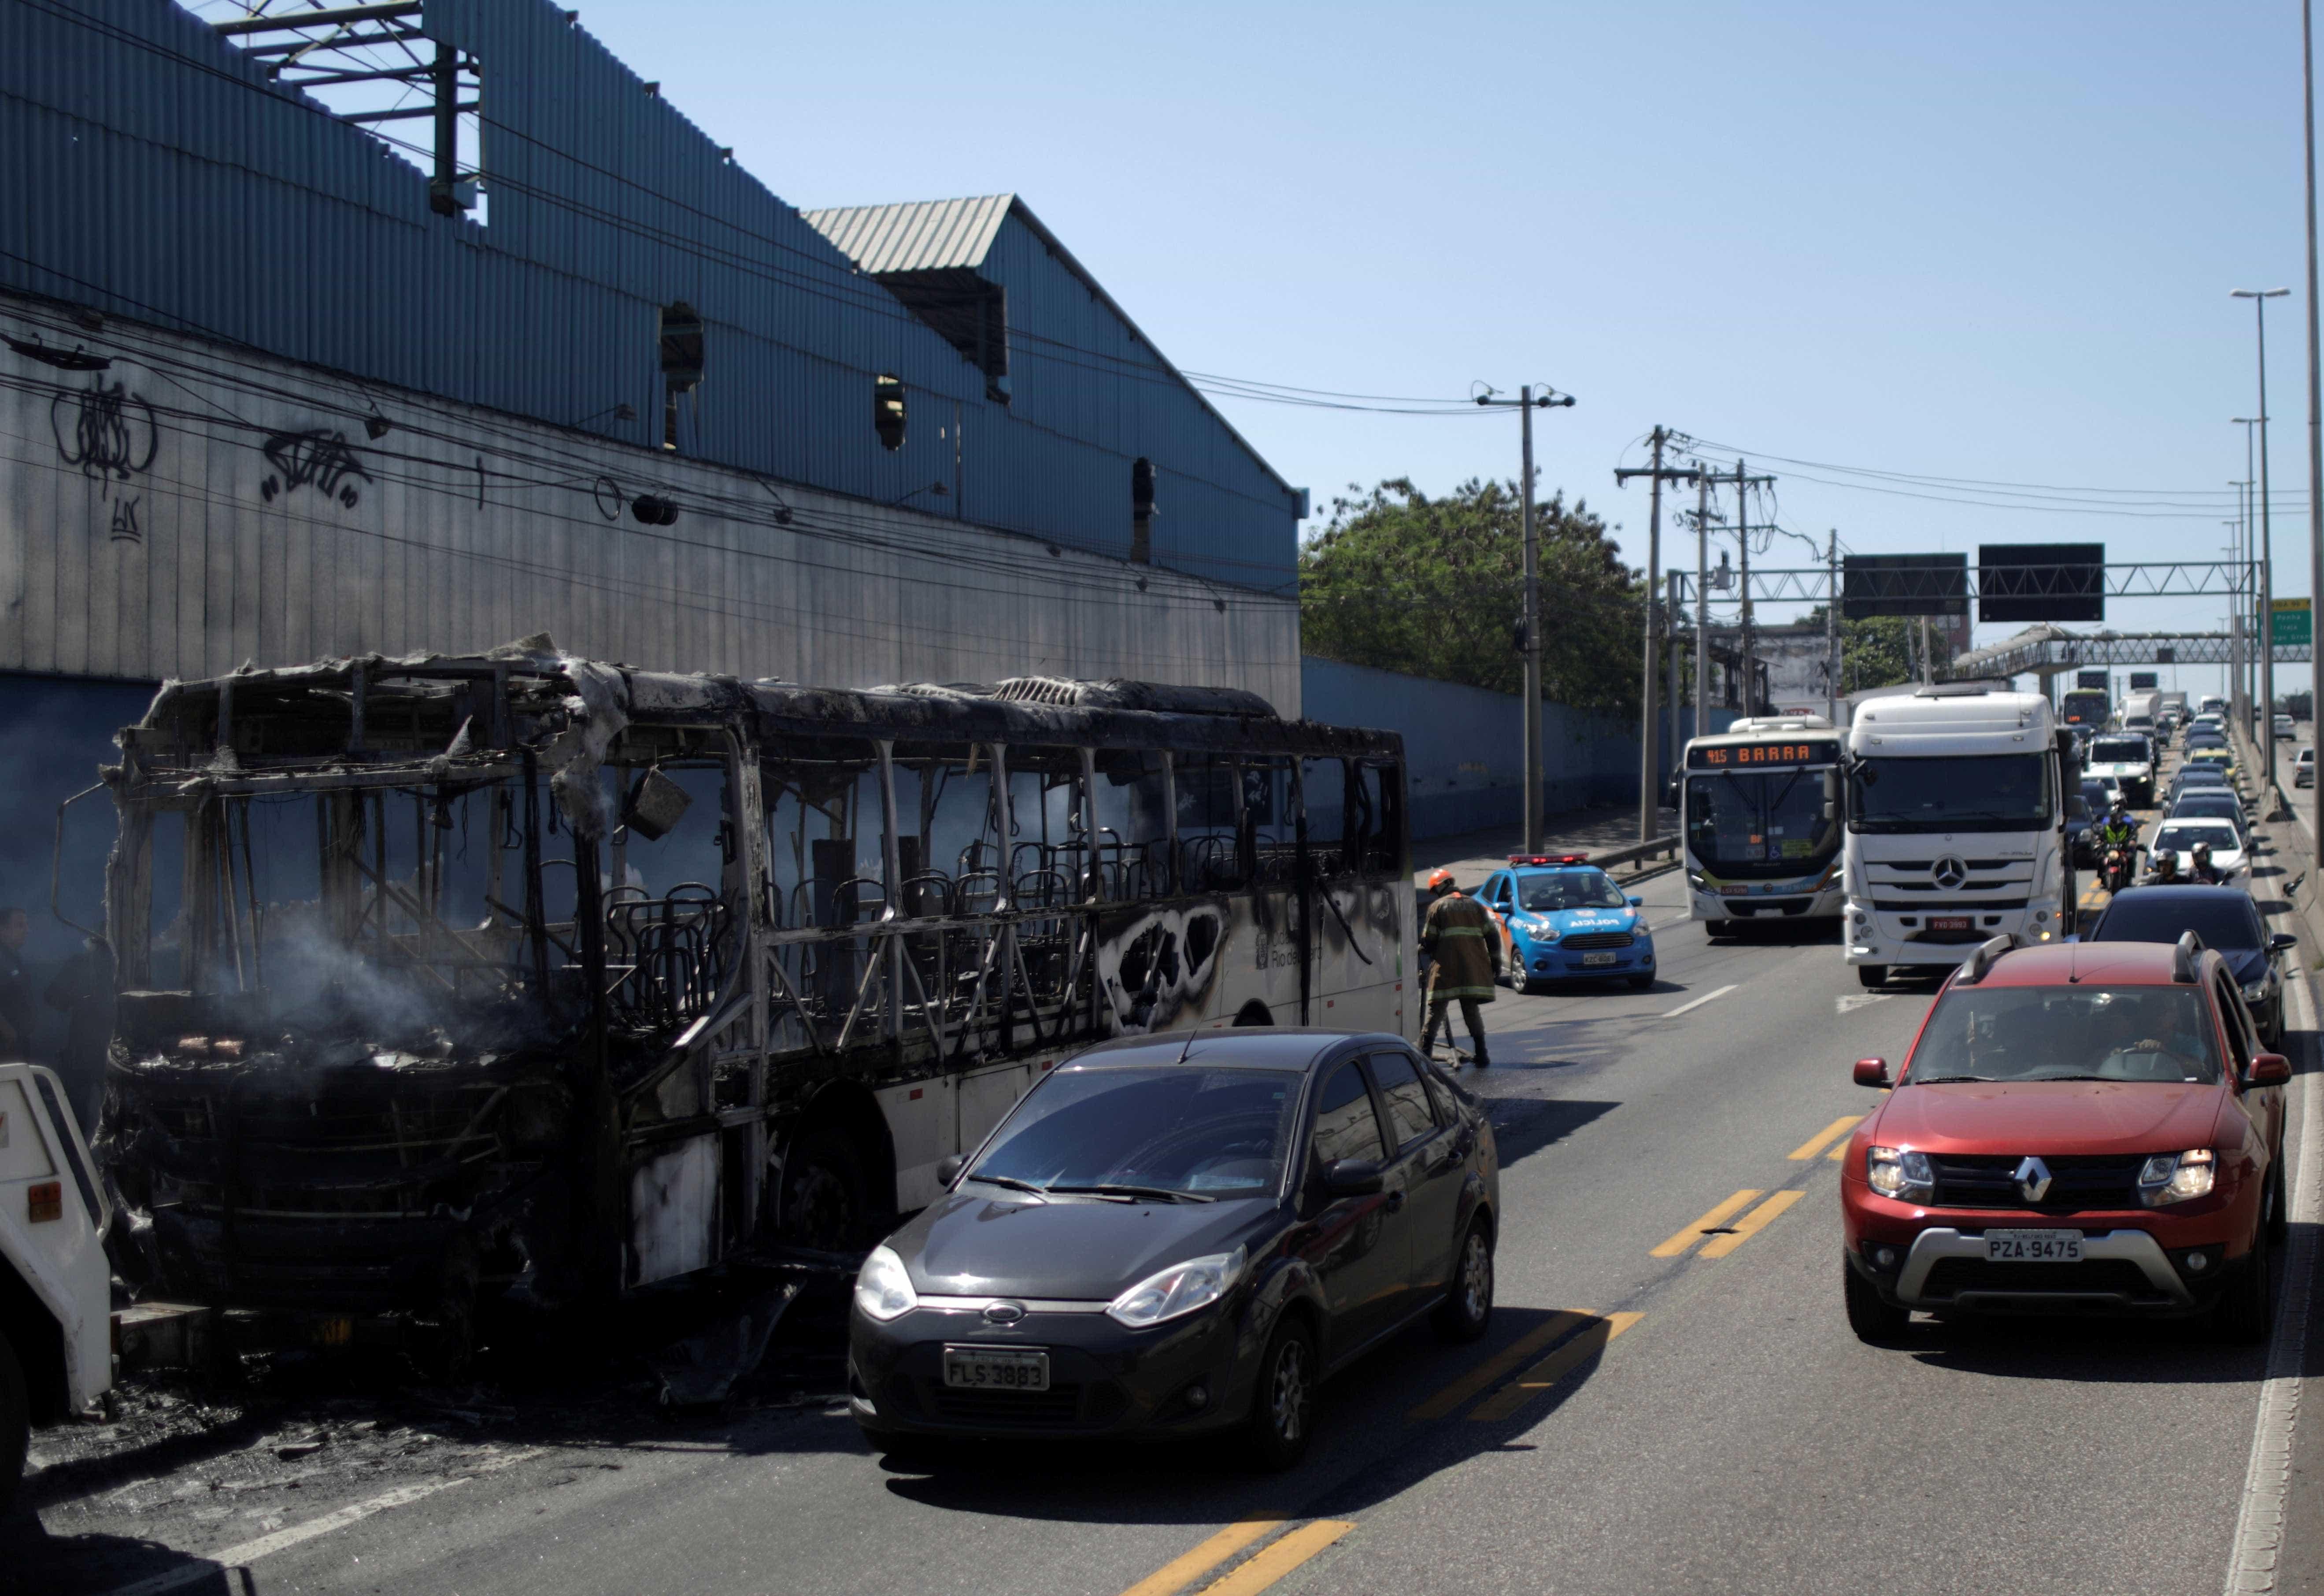 Bandidos queimam ônibus lotado no Rio: 'Motorista foi jogado para fora'